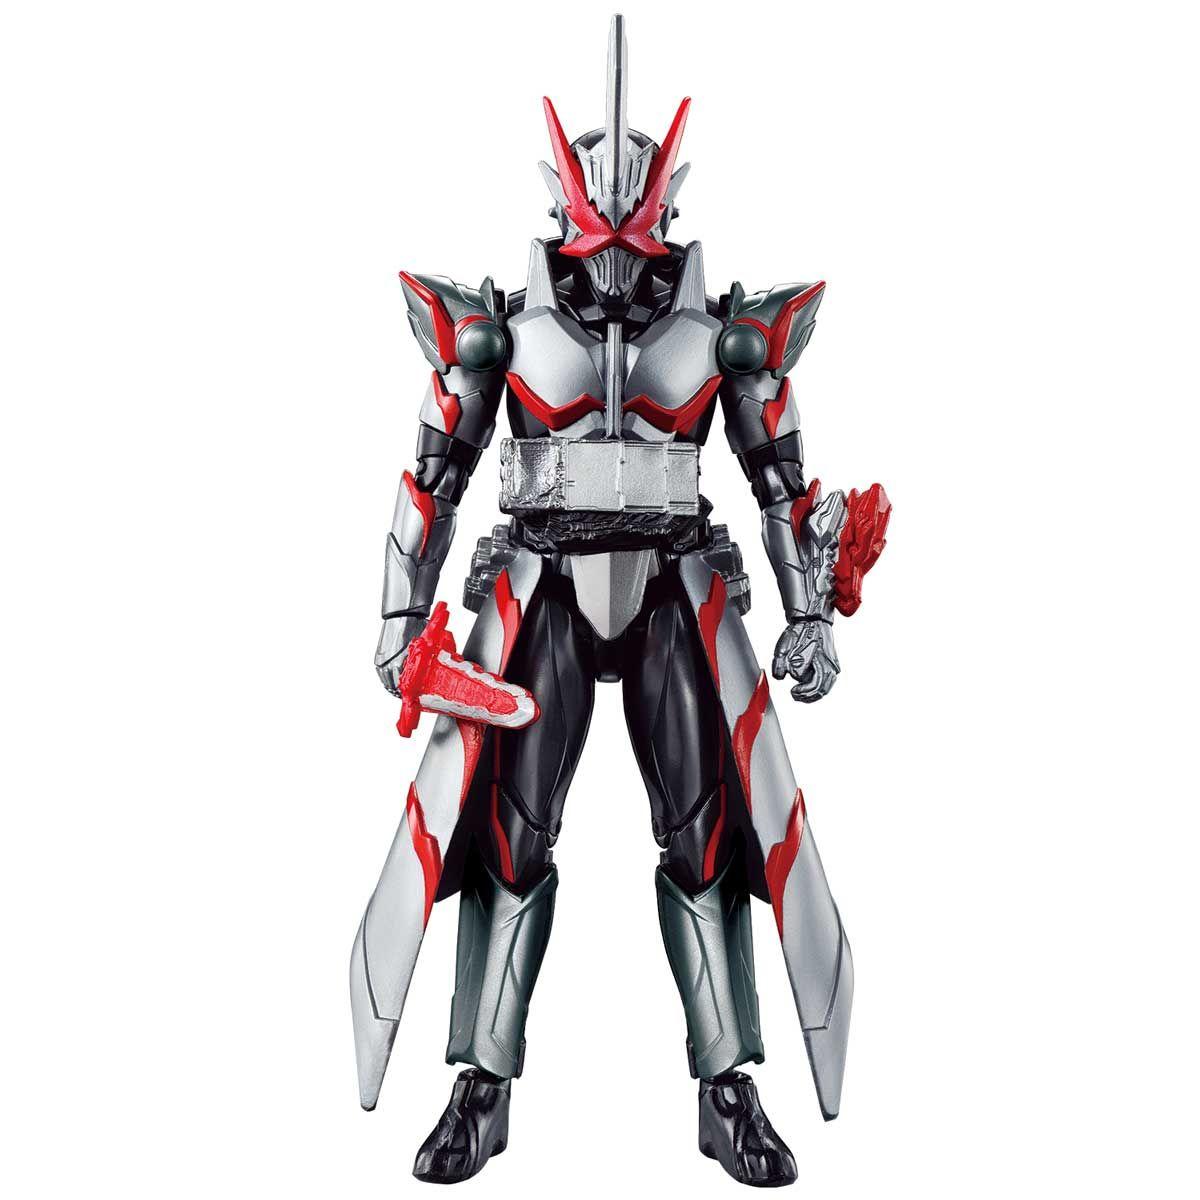 RKF『ドラゴニックナイト&ワンダーコンボセット』仮面ライダーセイバー 可動フィギュア-006